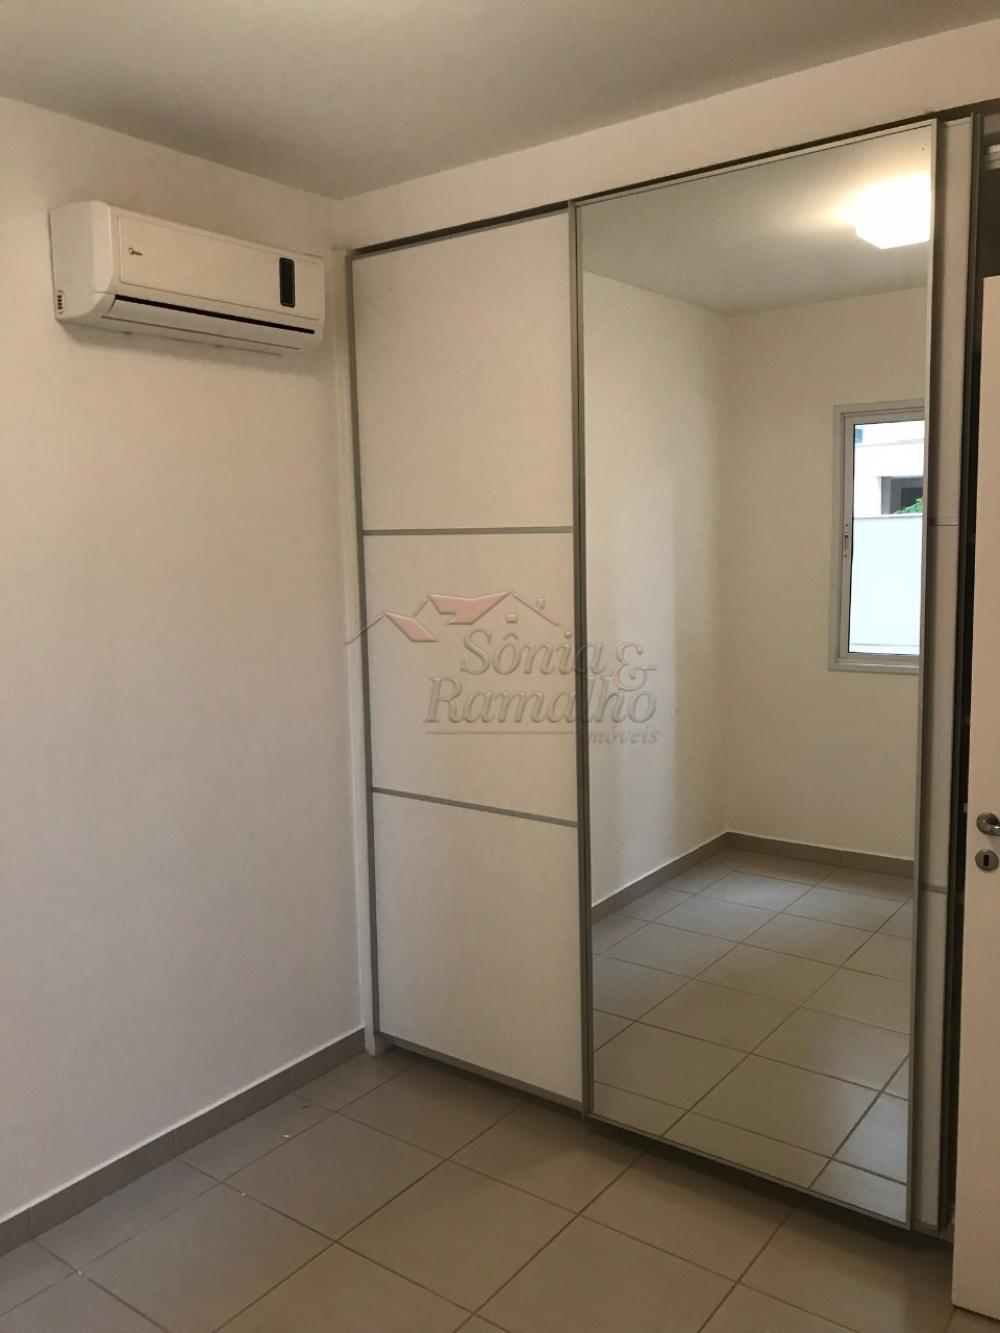 Comprar Apartamentos / Padrão em Ribeirão Preto apenas R$ 636.000,00 - Foto 10